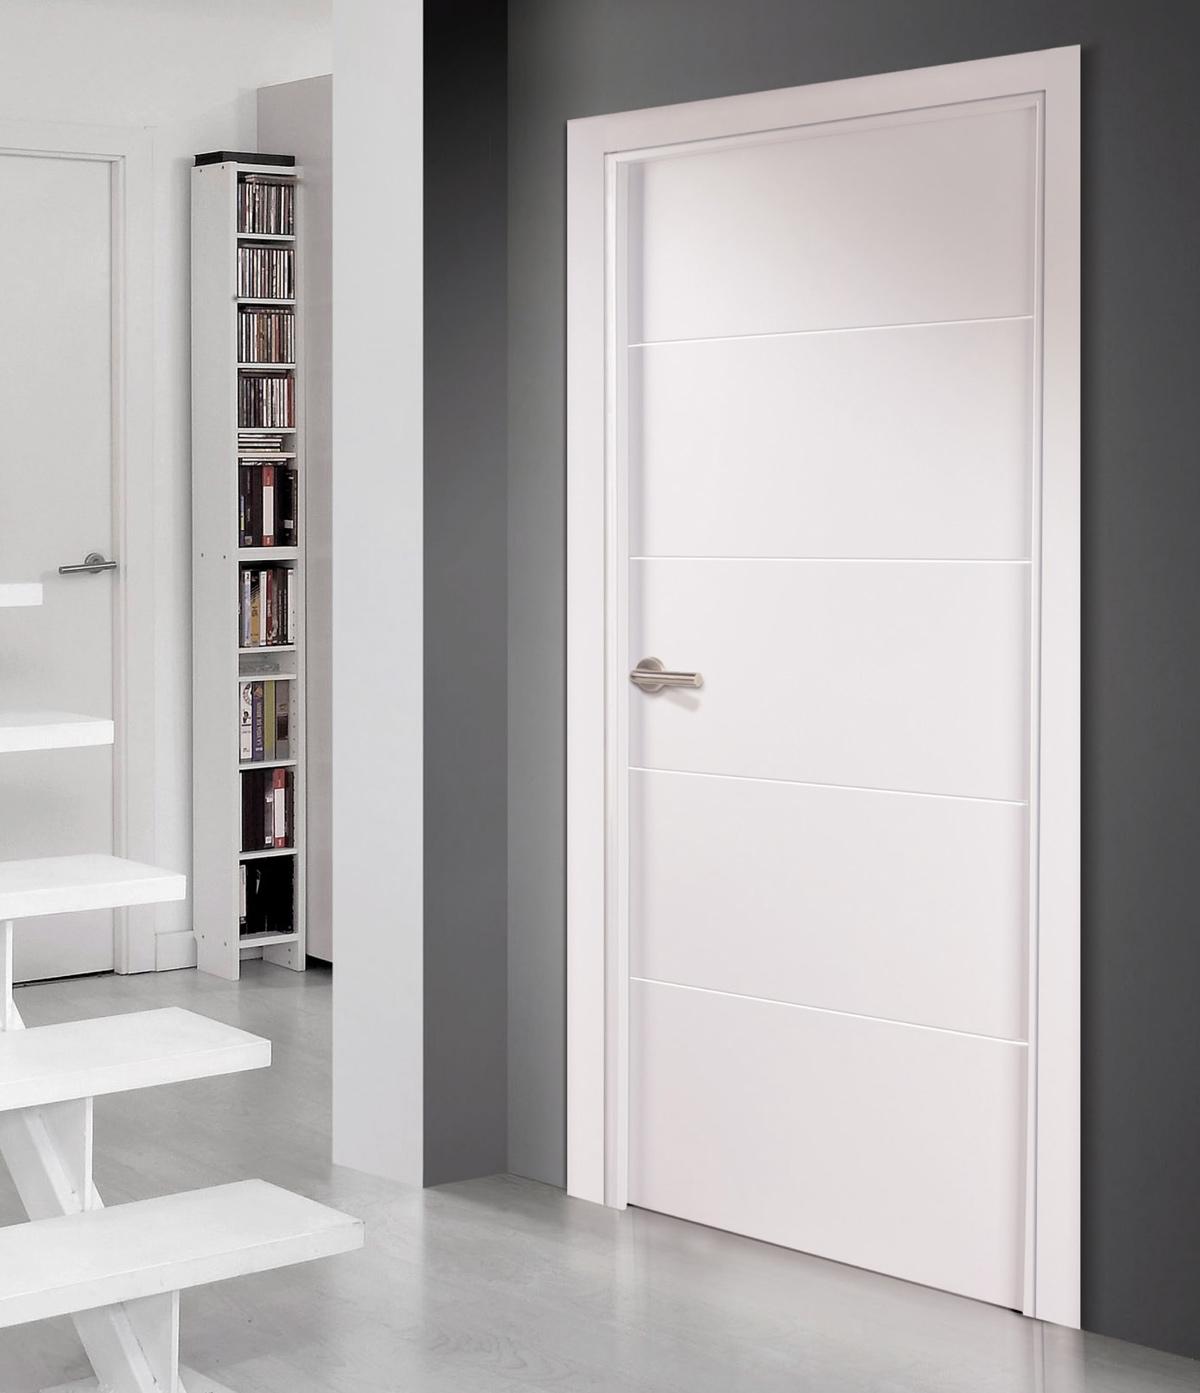 Combinar puertas blancas - Puertas lacadas blancas ...